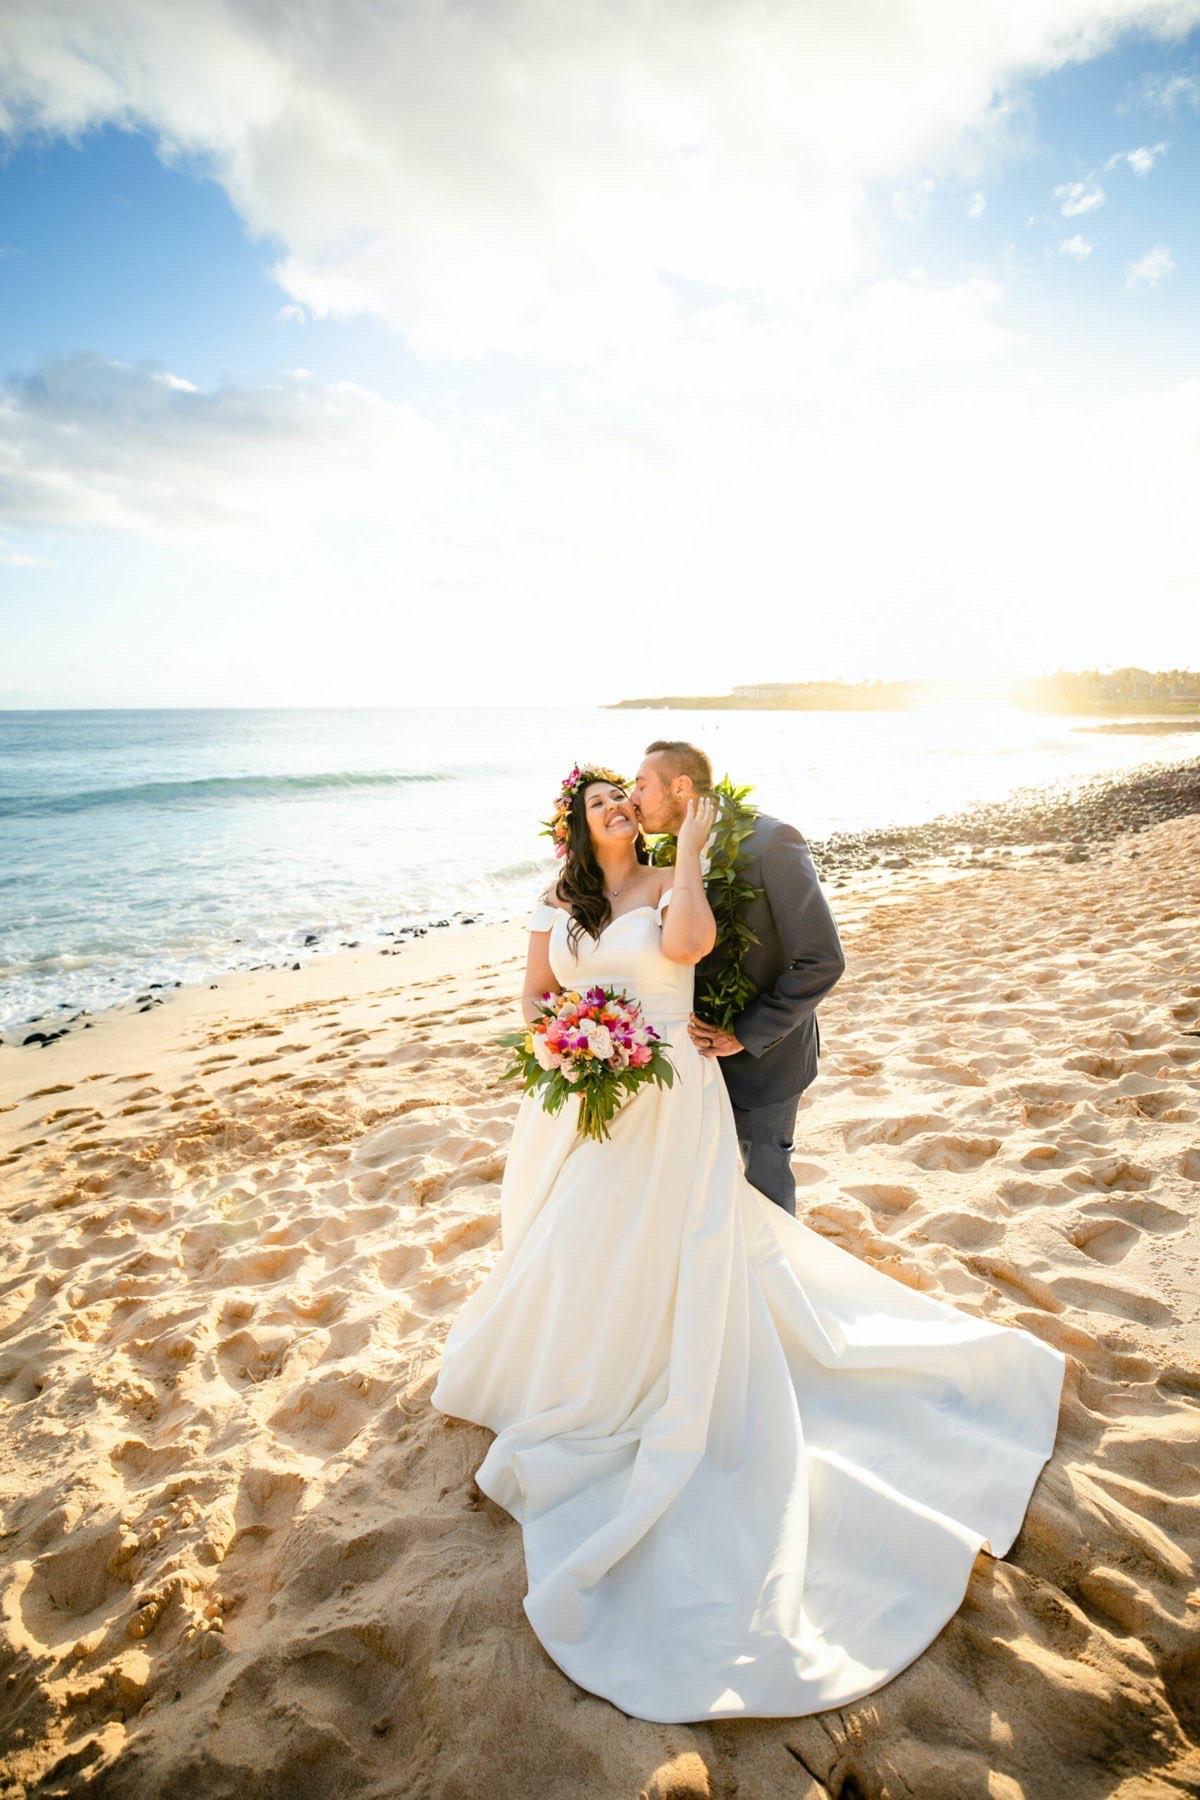 Briana & Sean on the beach in Hawaii.